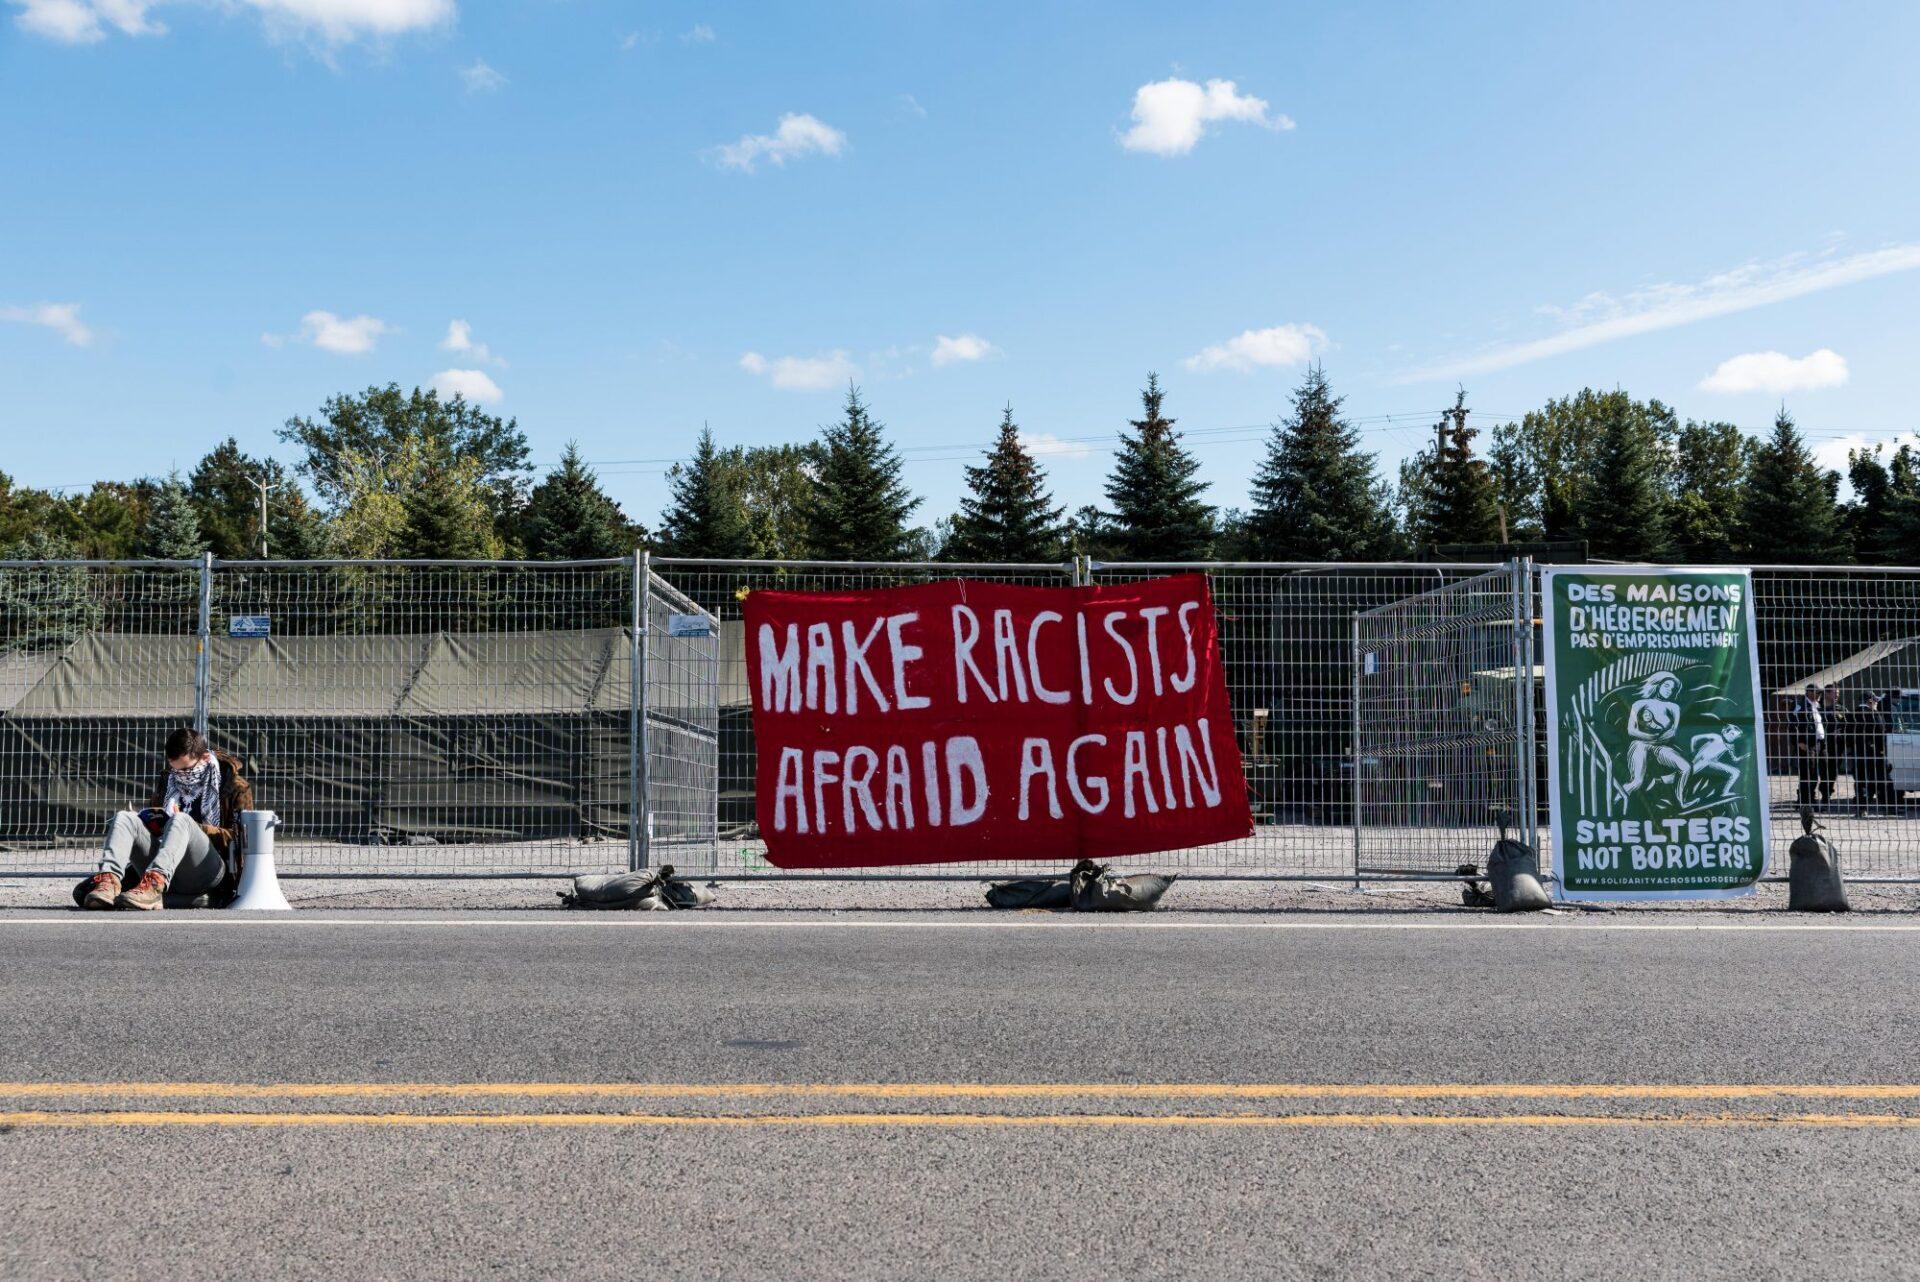 Plusieurs bannières sont affichées par les manifestants antifascistes sur les clôtures entourant le camp de réfugiés | Photo: Martin Ouellet-Diotte Montréal Campus